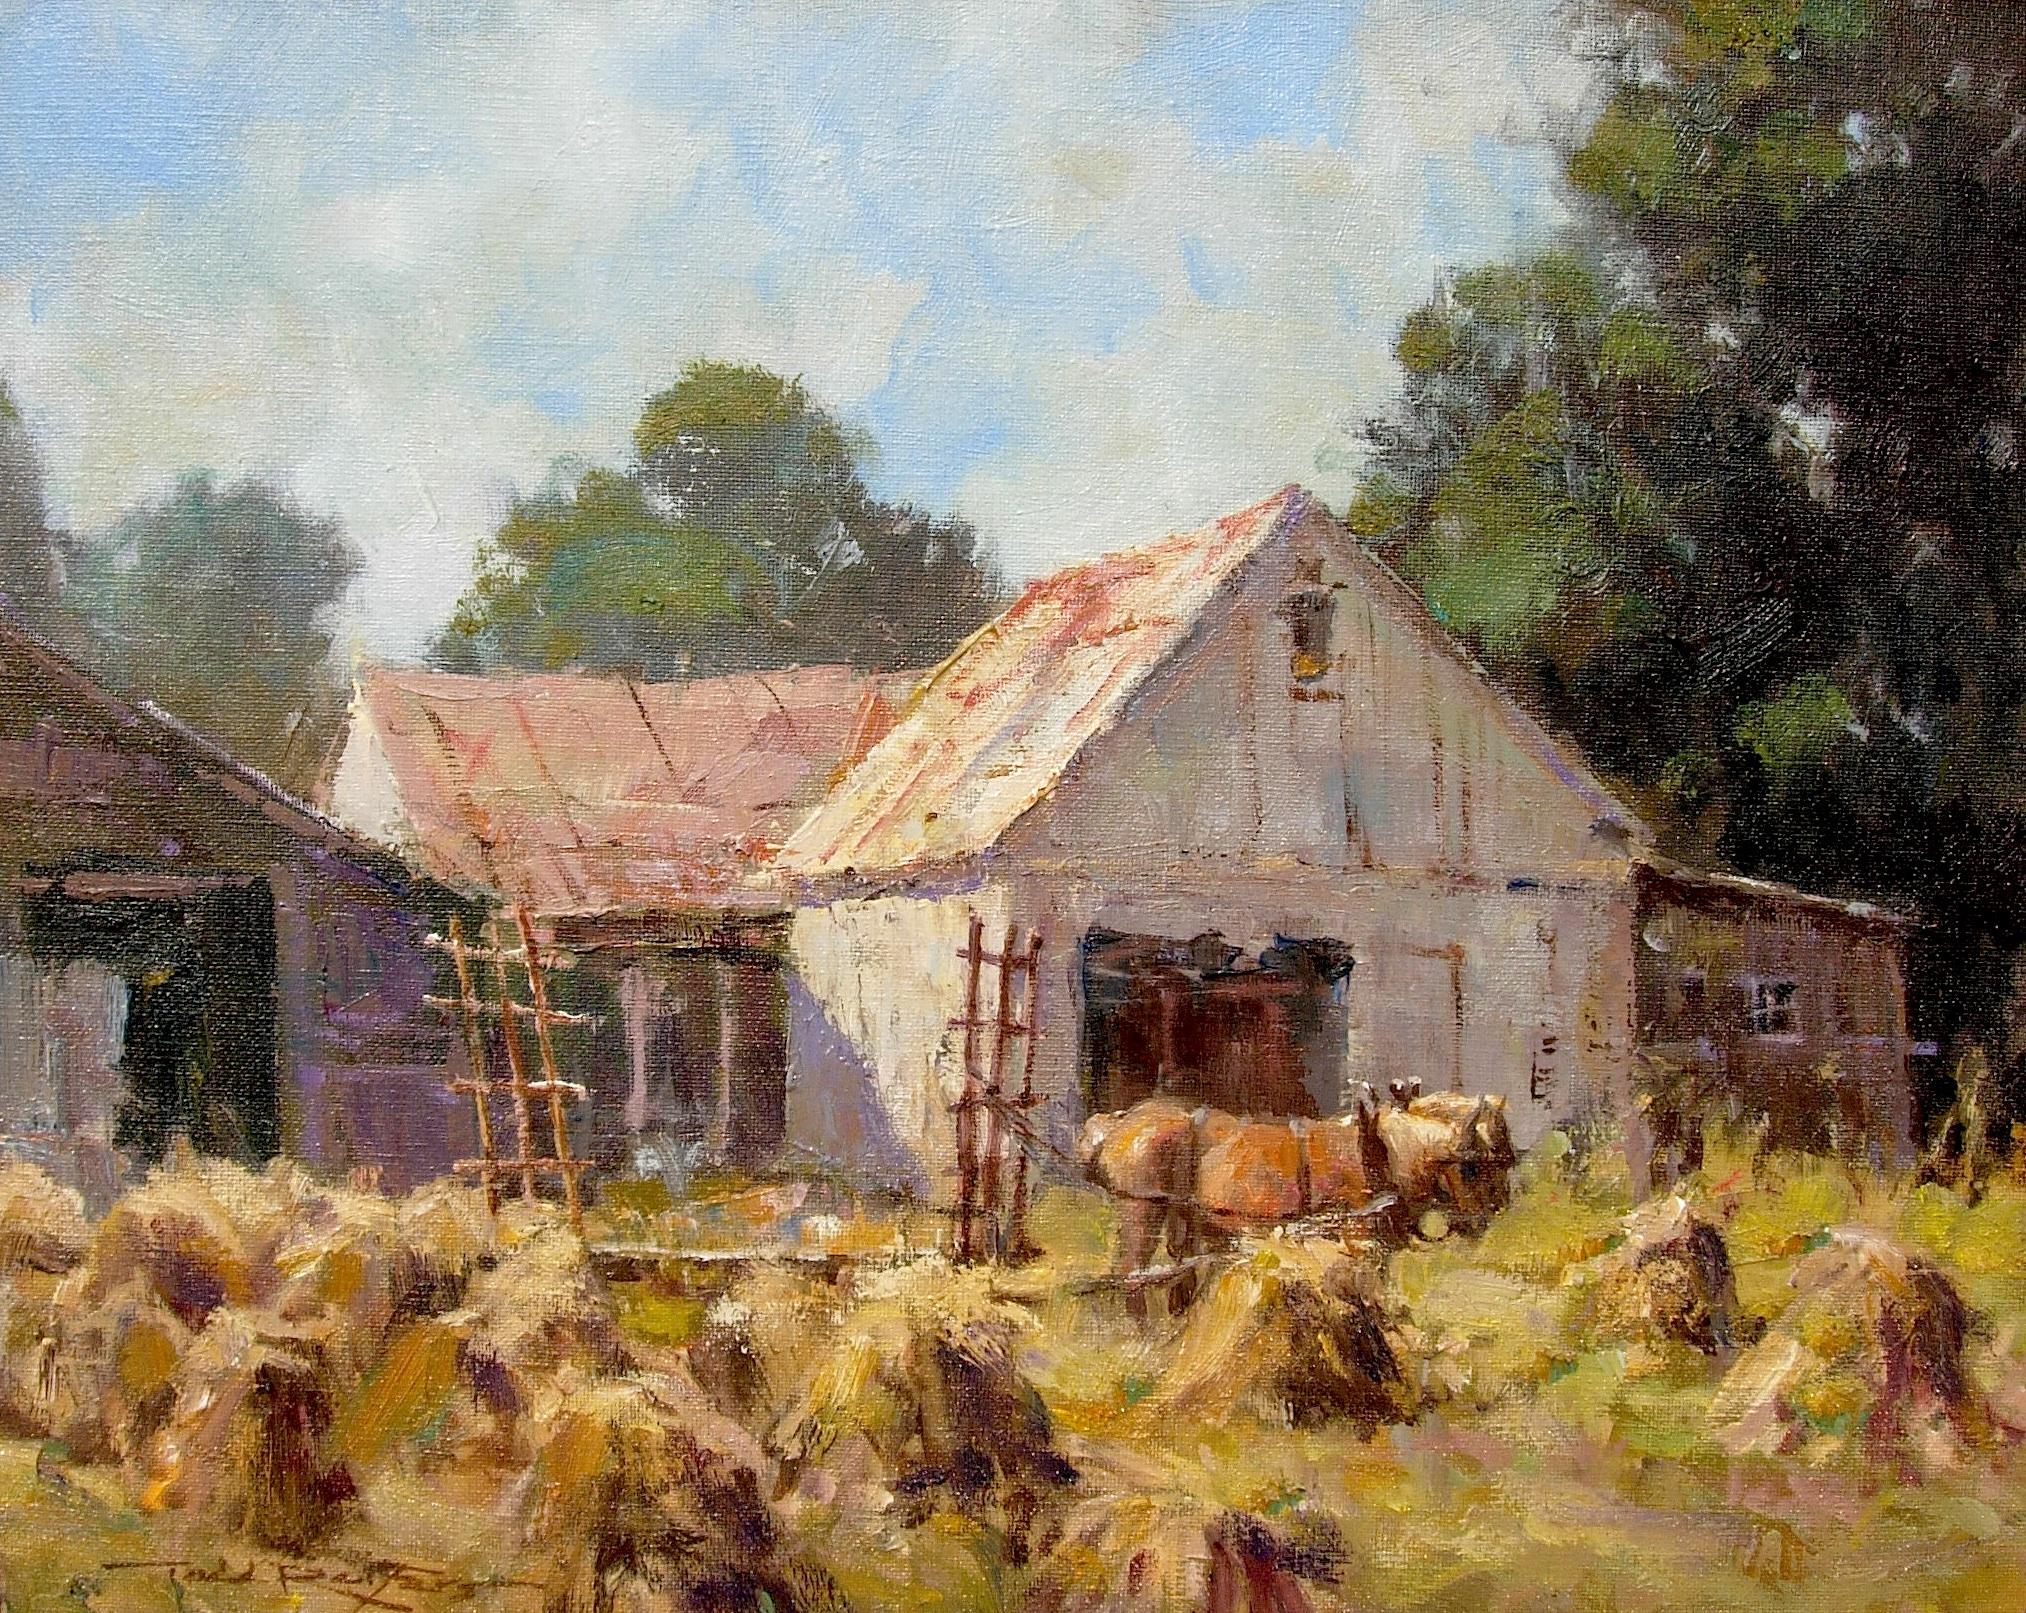 reifers-haystacks-cropped